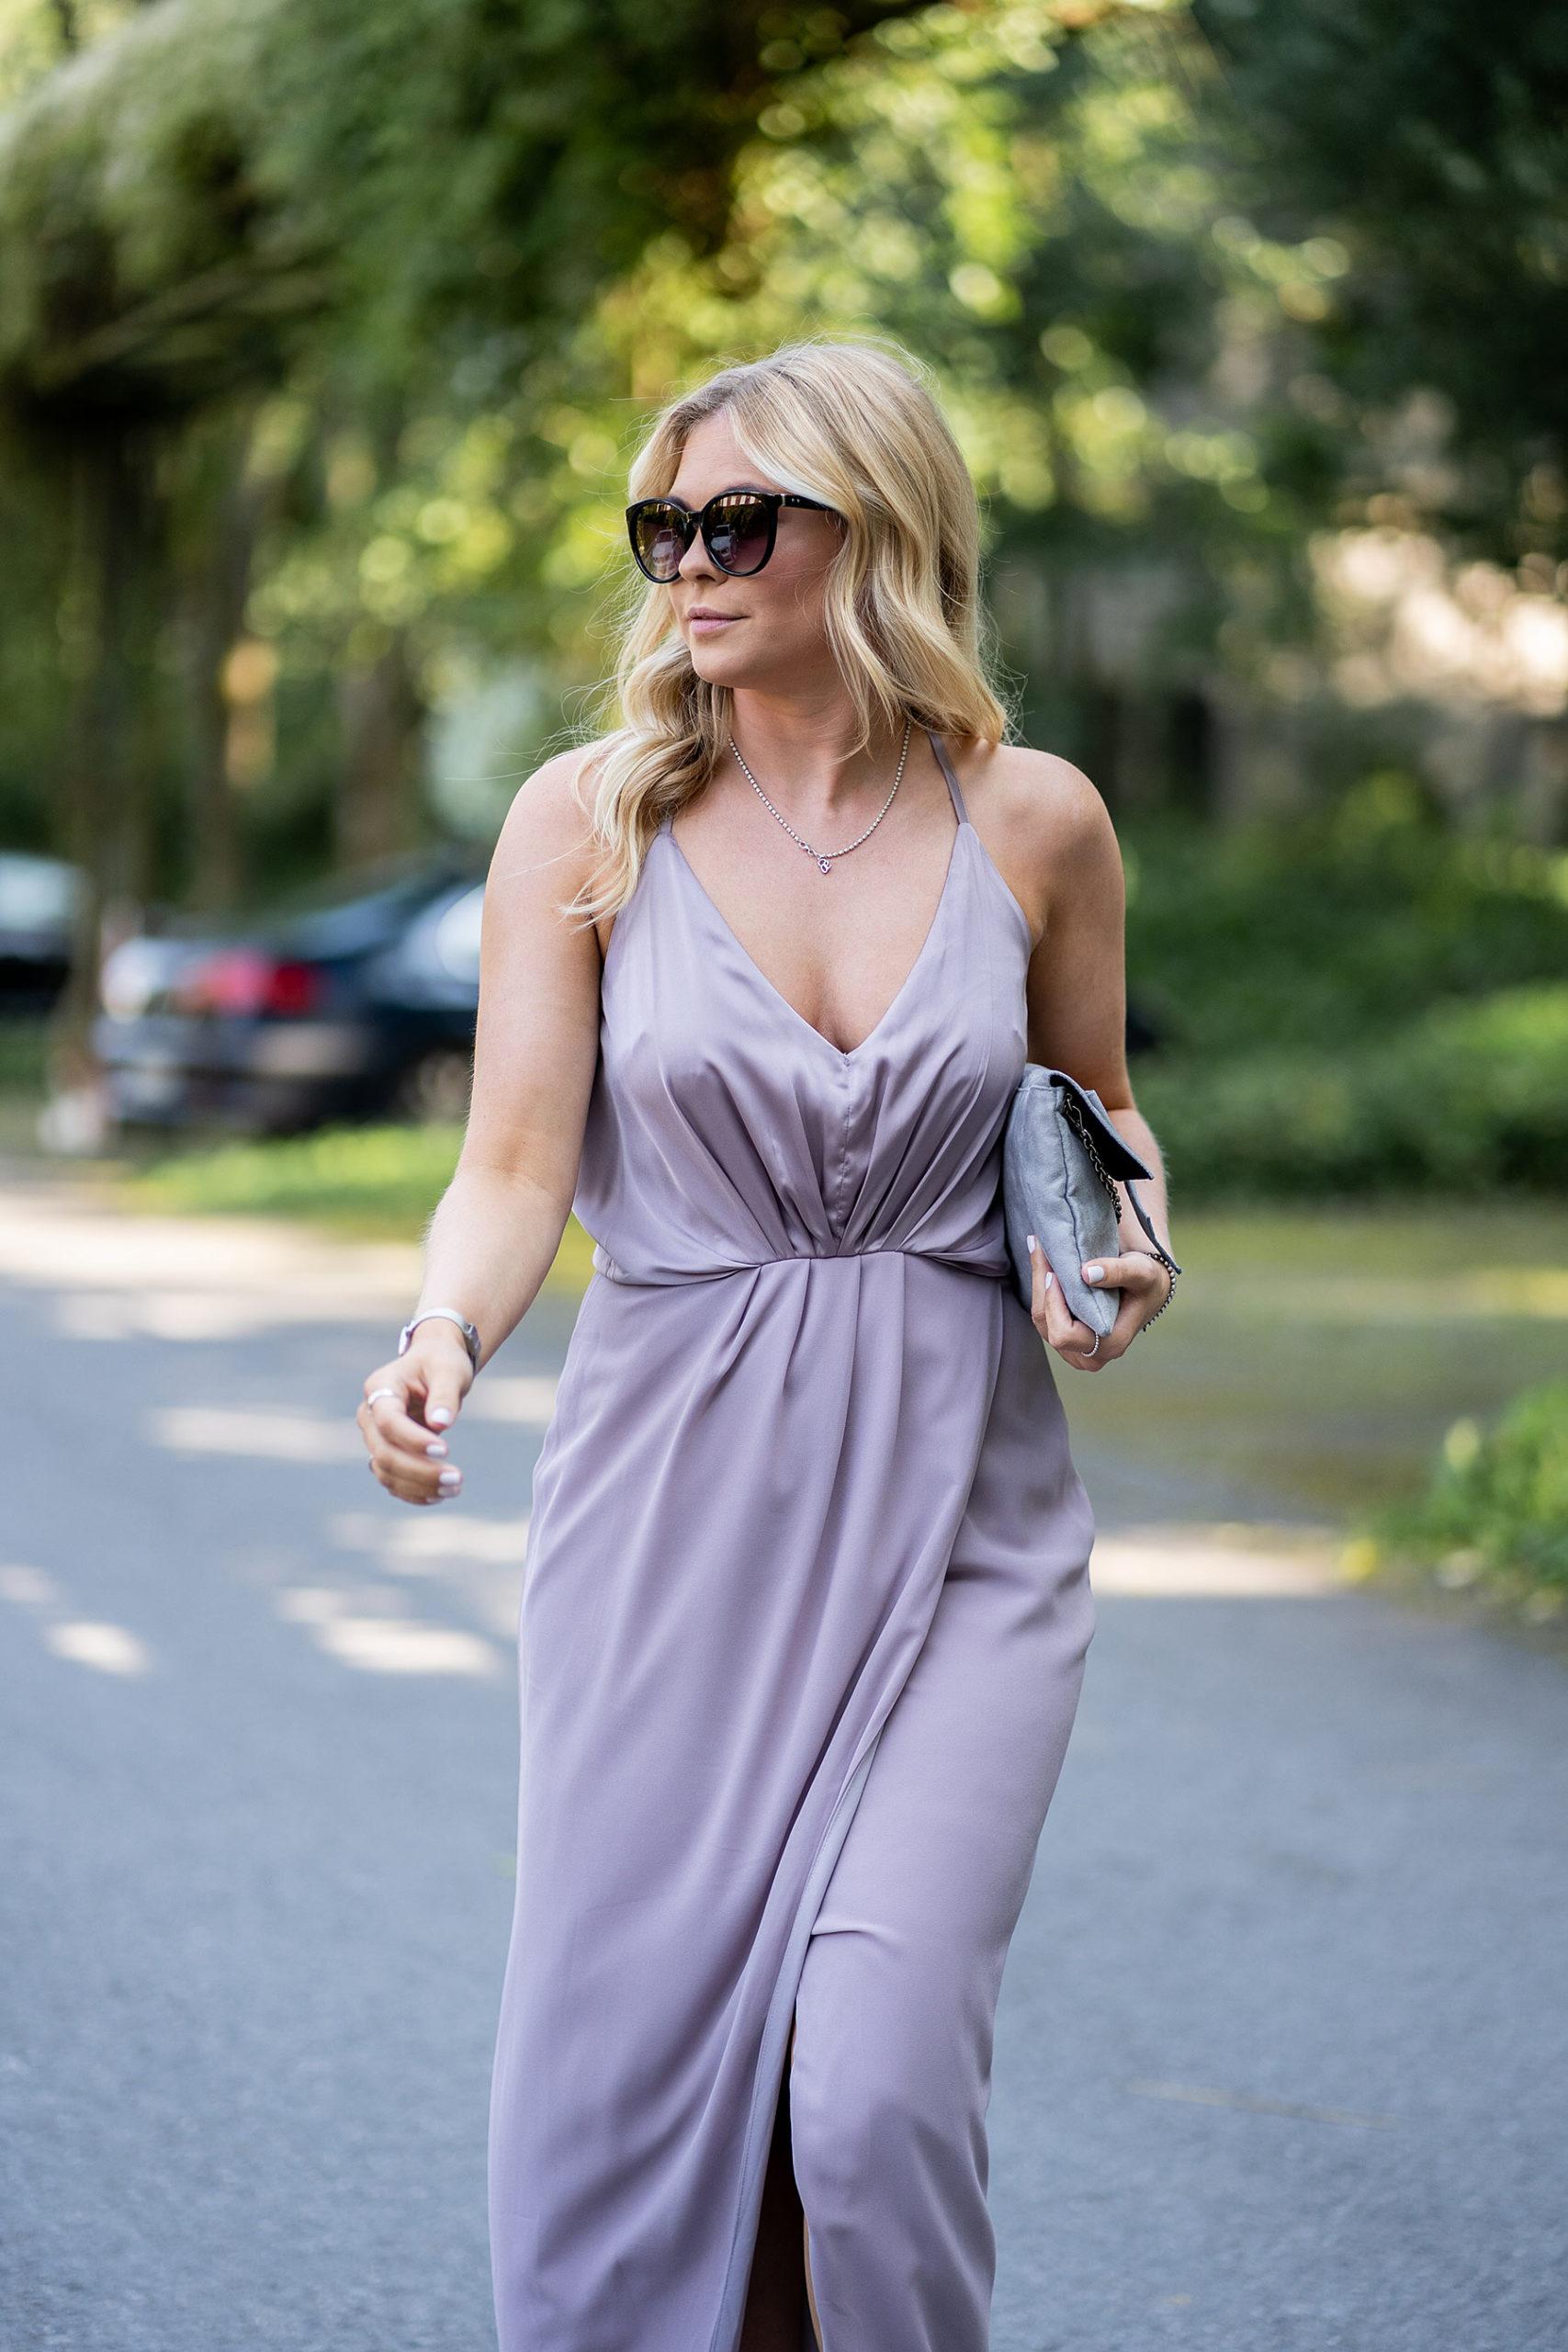 kleid outfit hochzeitsgast sommer frau lila